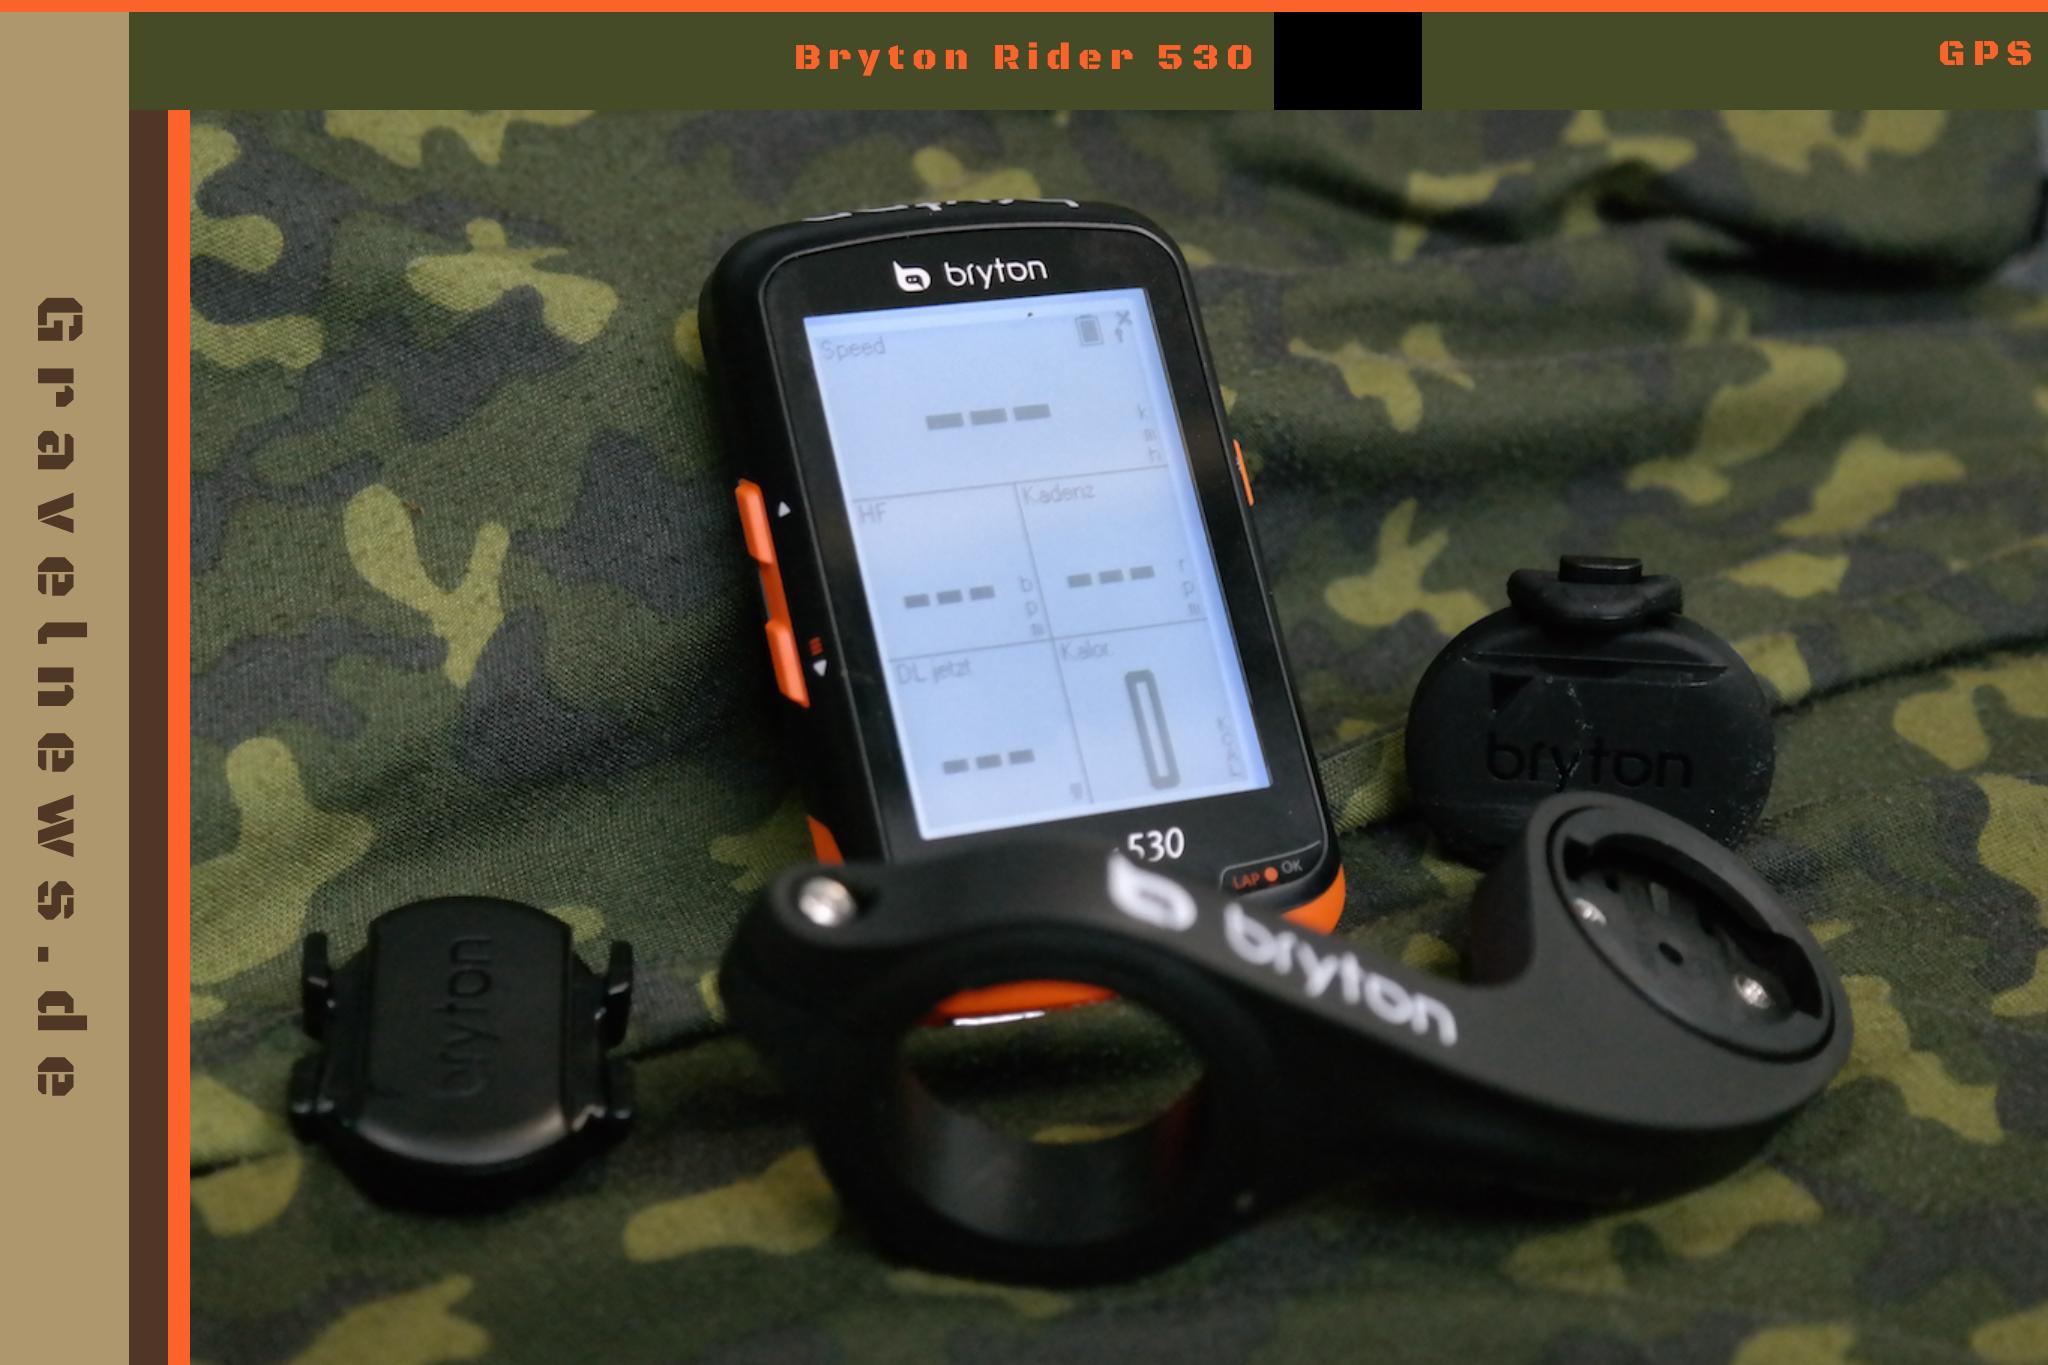 GPS Gerät, Halterung und Sensoren